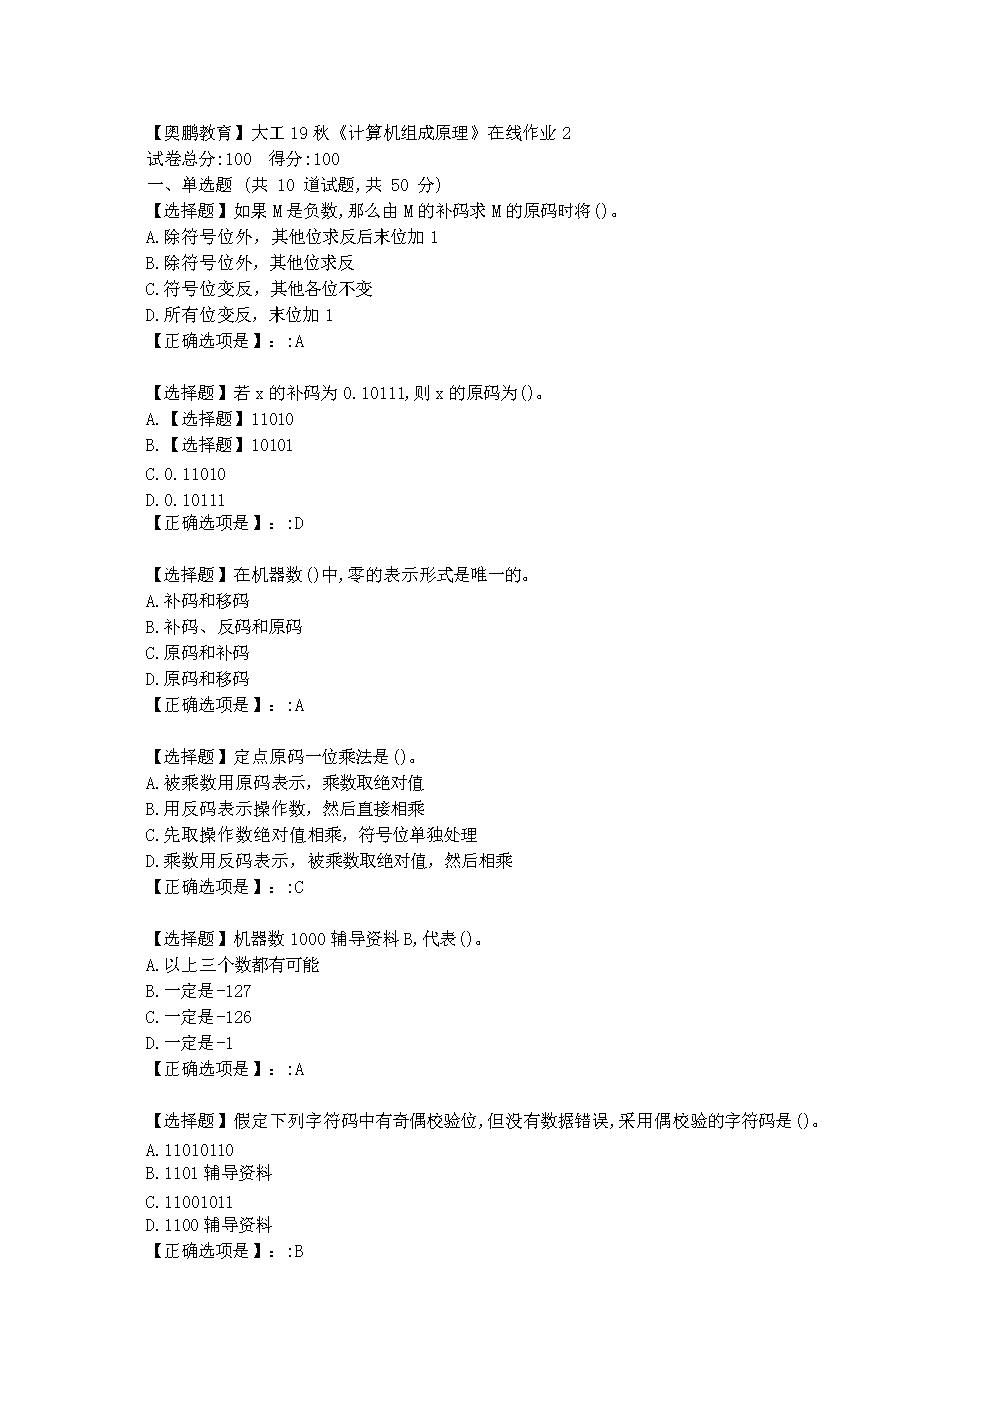 大连理工大学19秋《计算机组成原理》在线作业2学习资料.doc